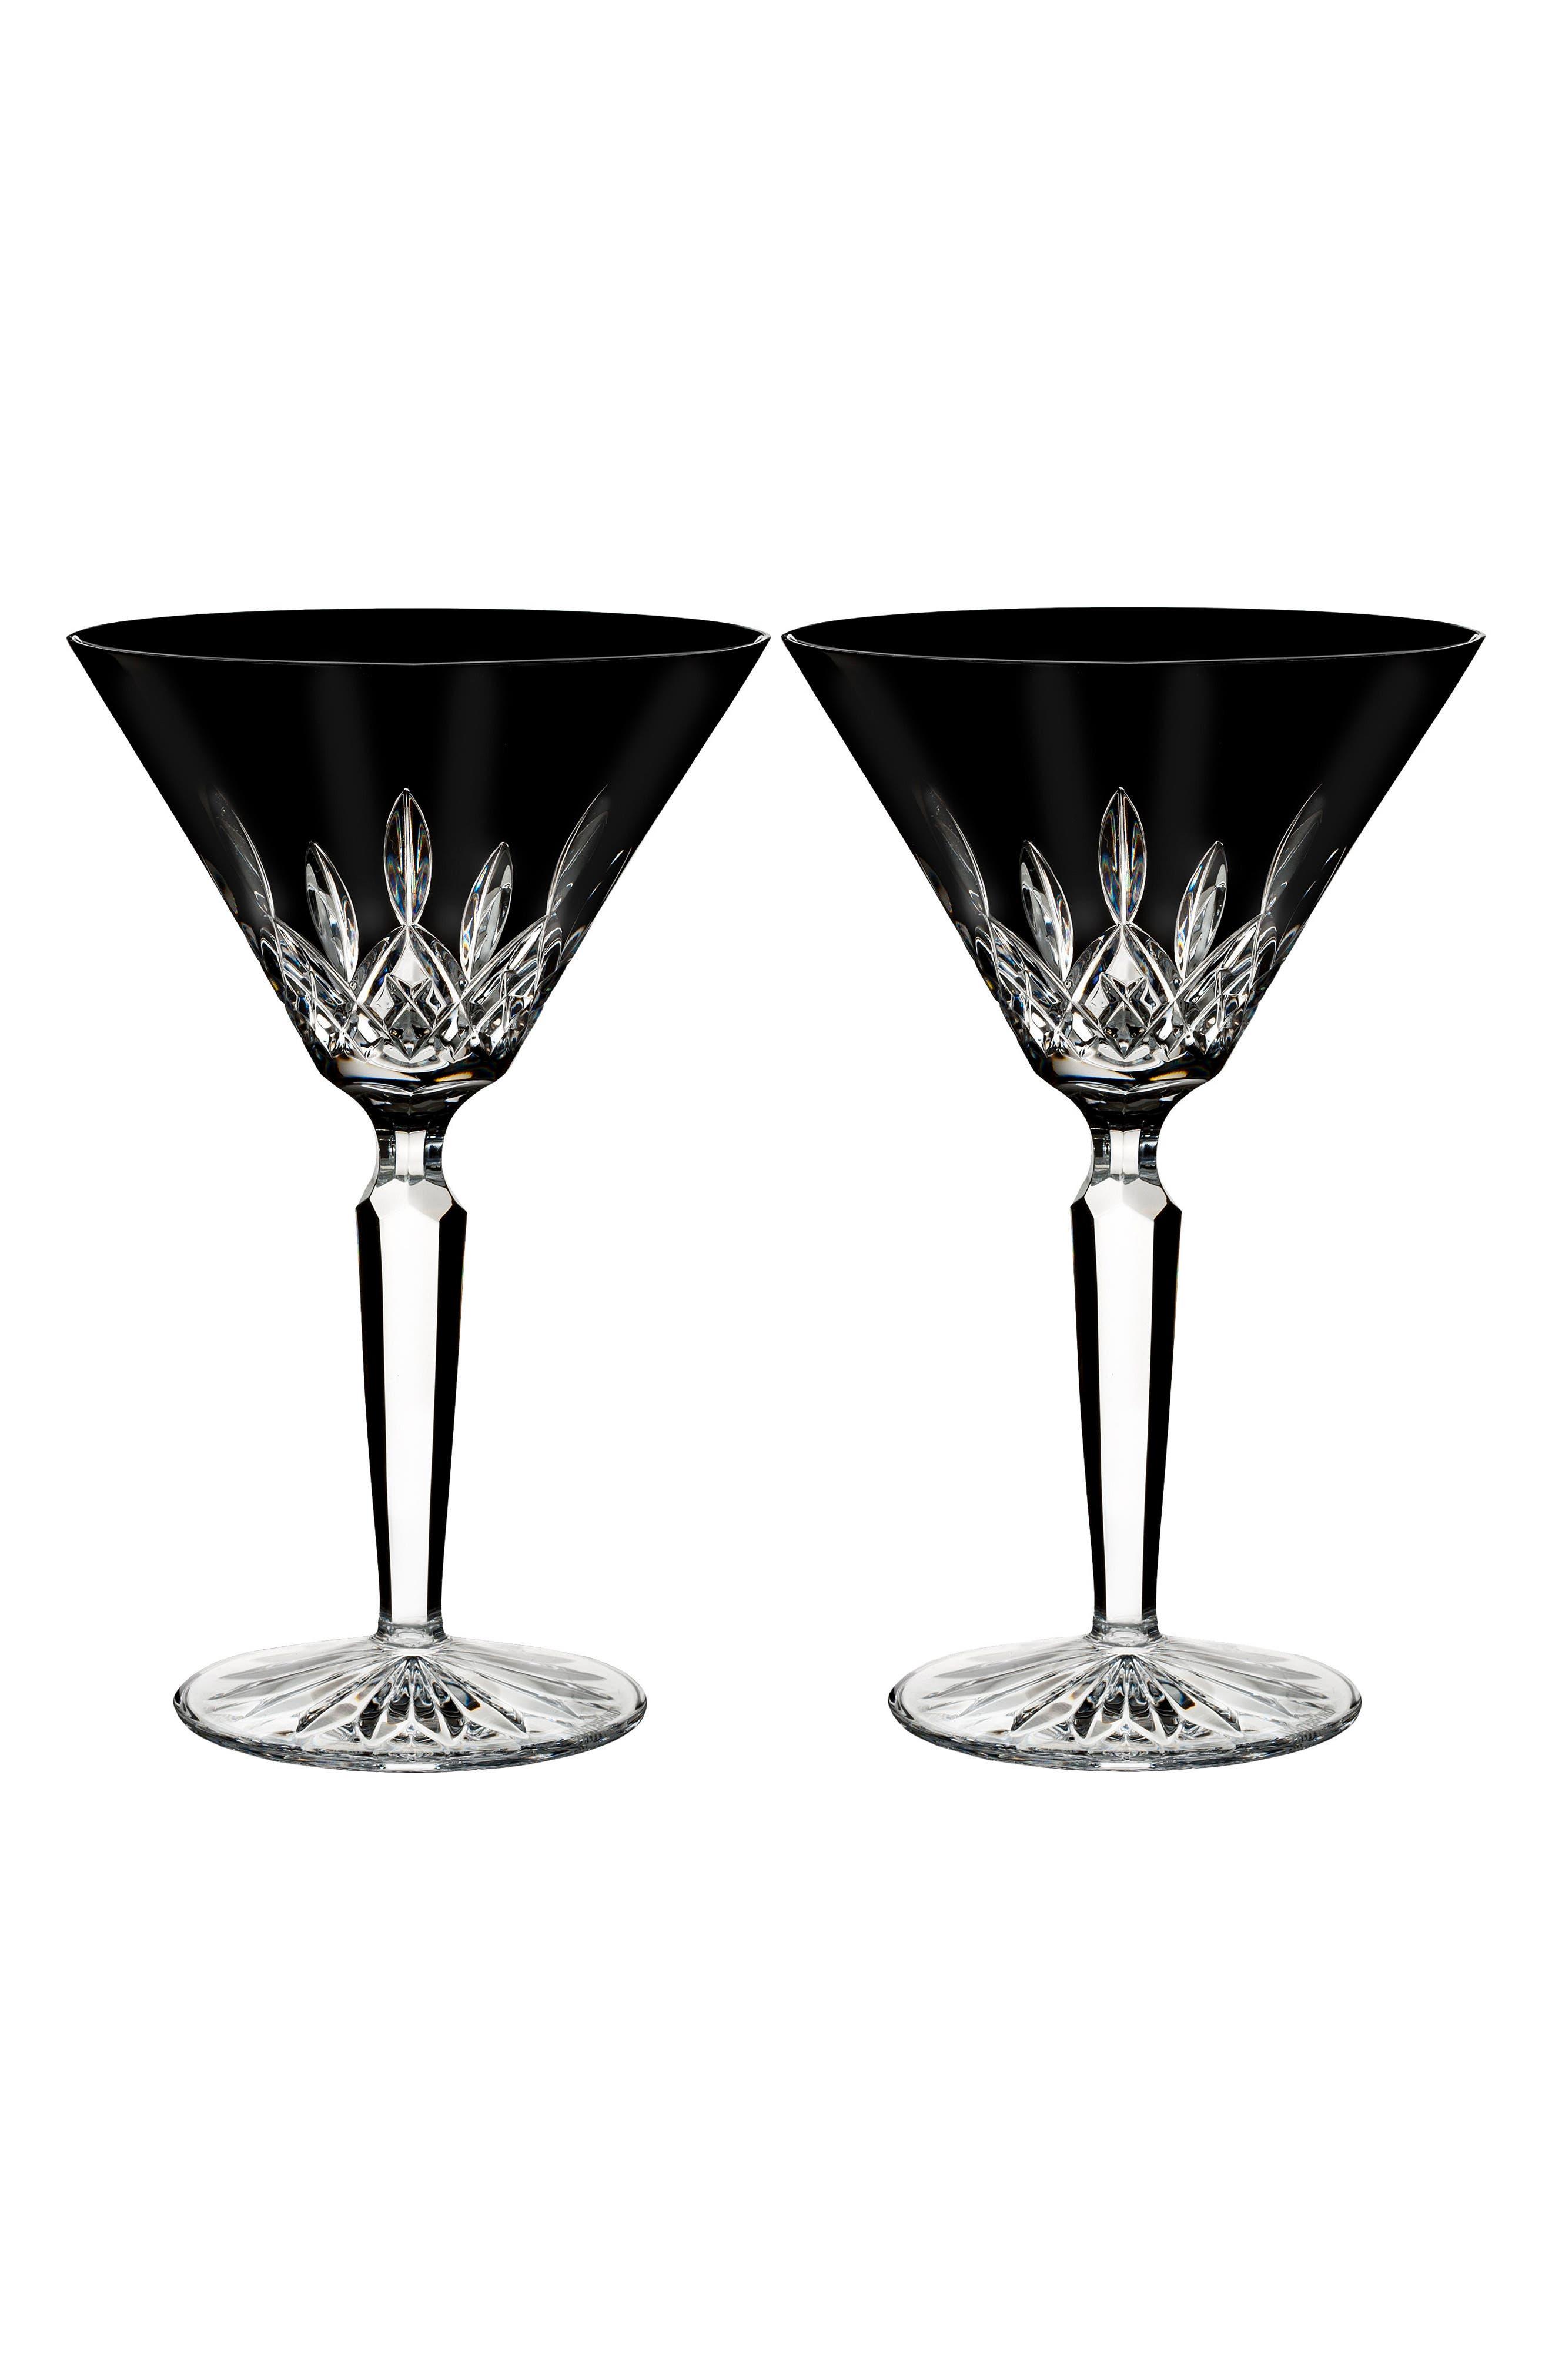 Waterford Lismore Diamond Set of 2 Black Lead Crystal Martini Glasses